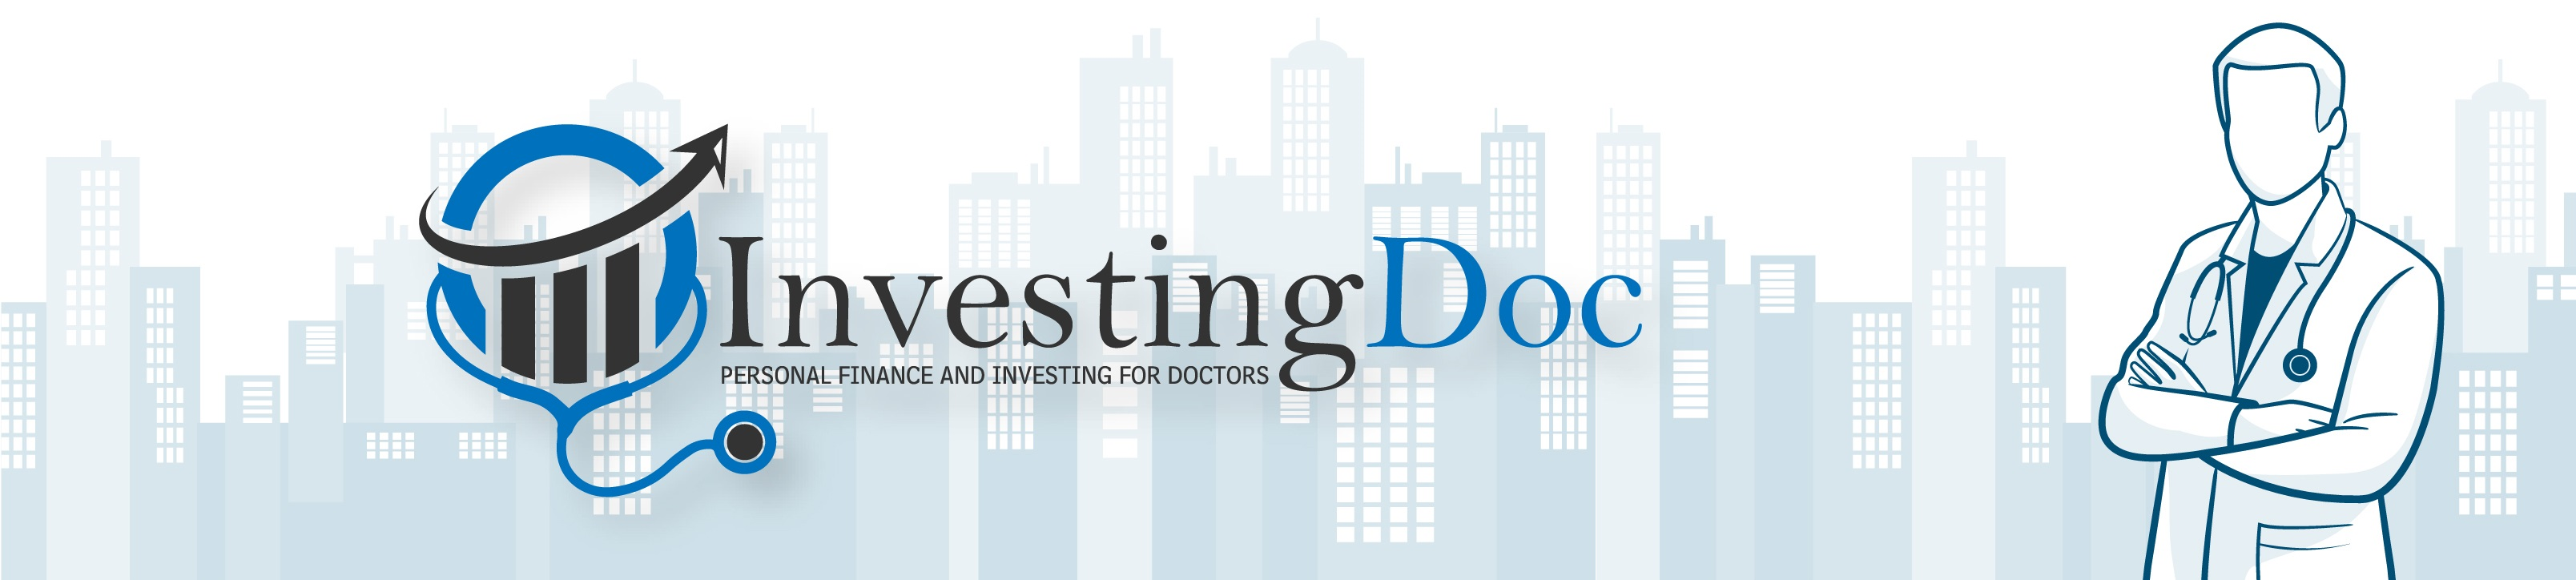 InvestingDoc